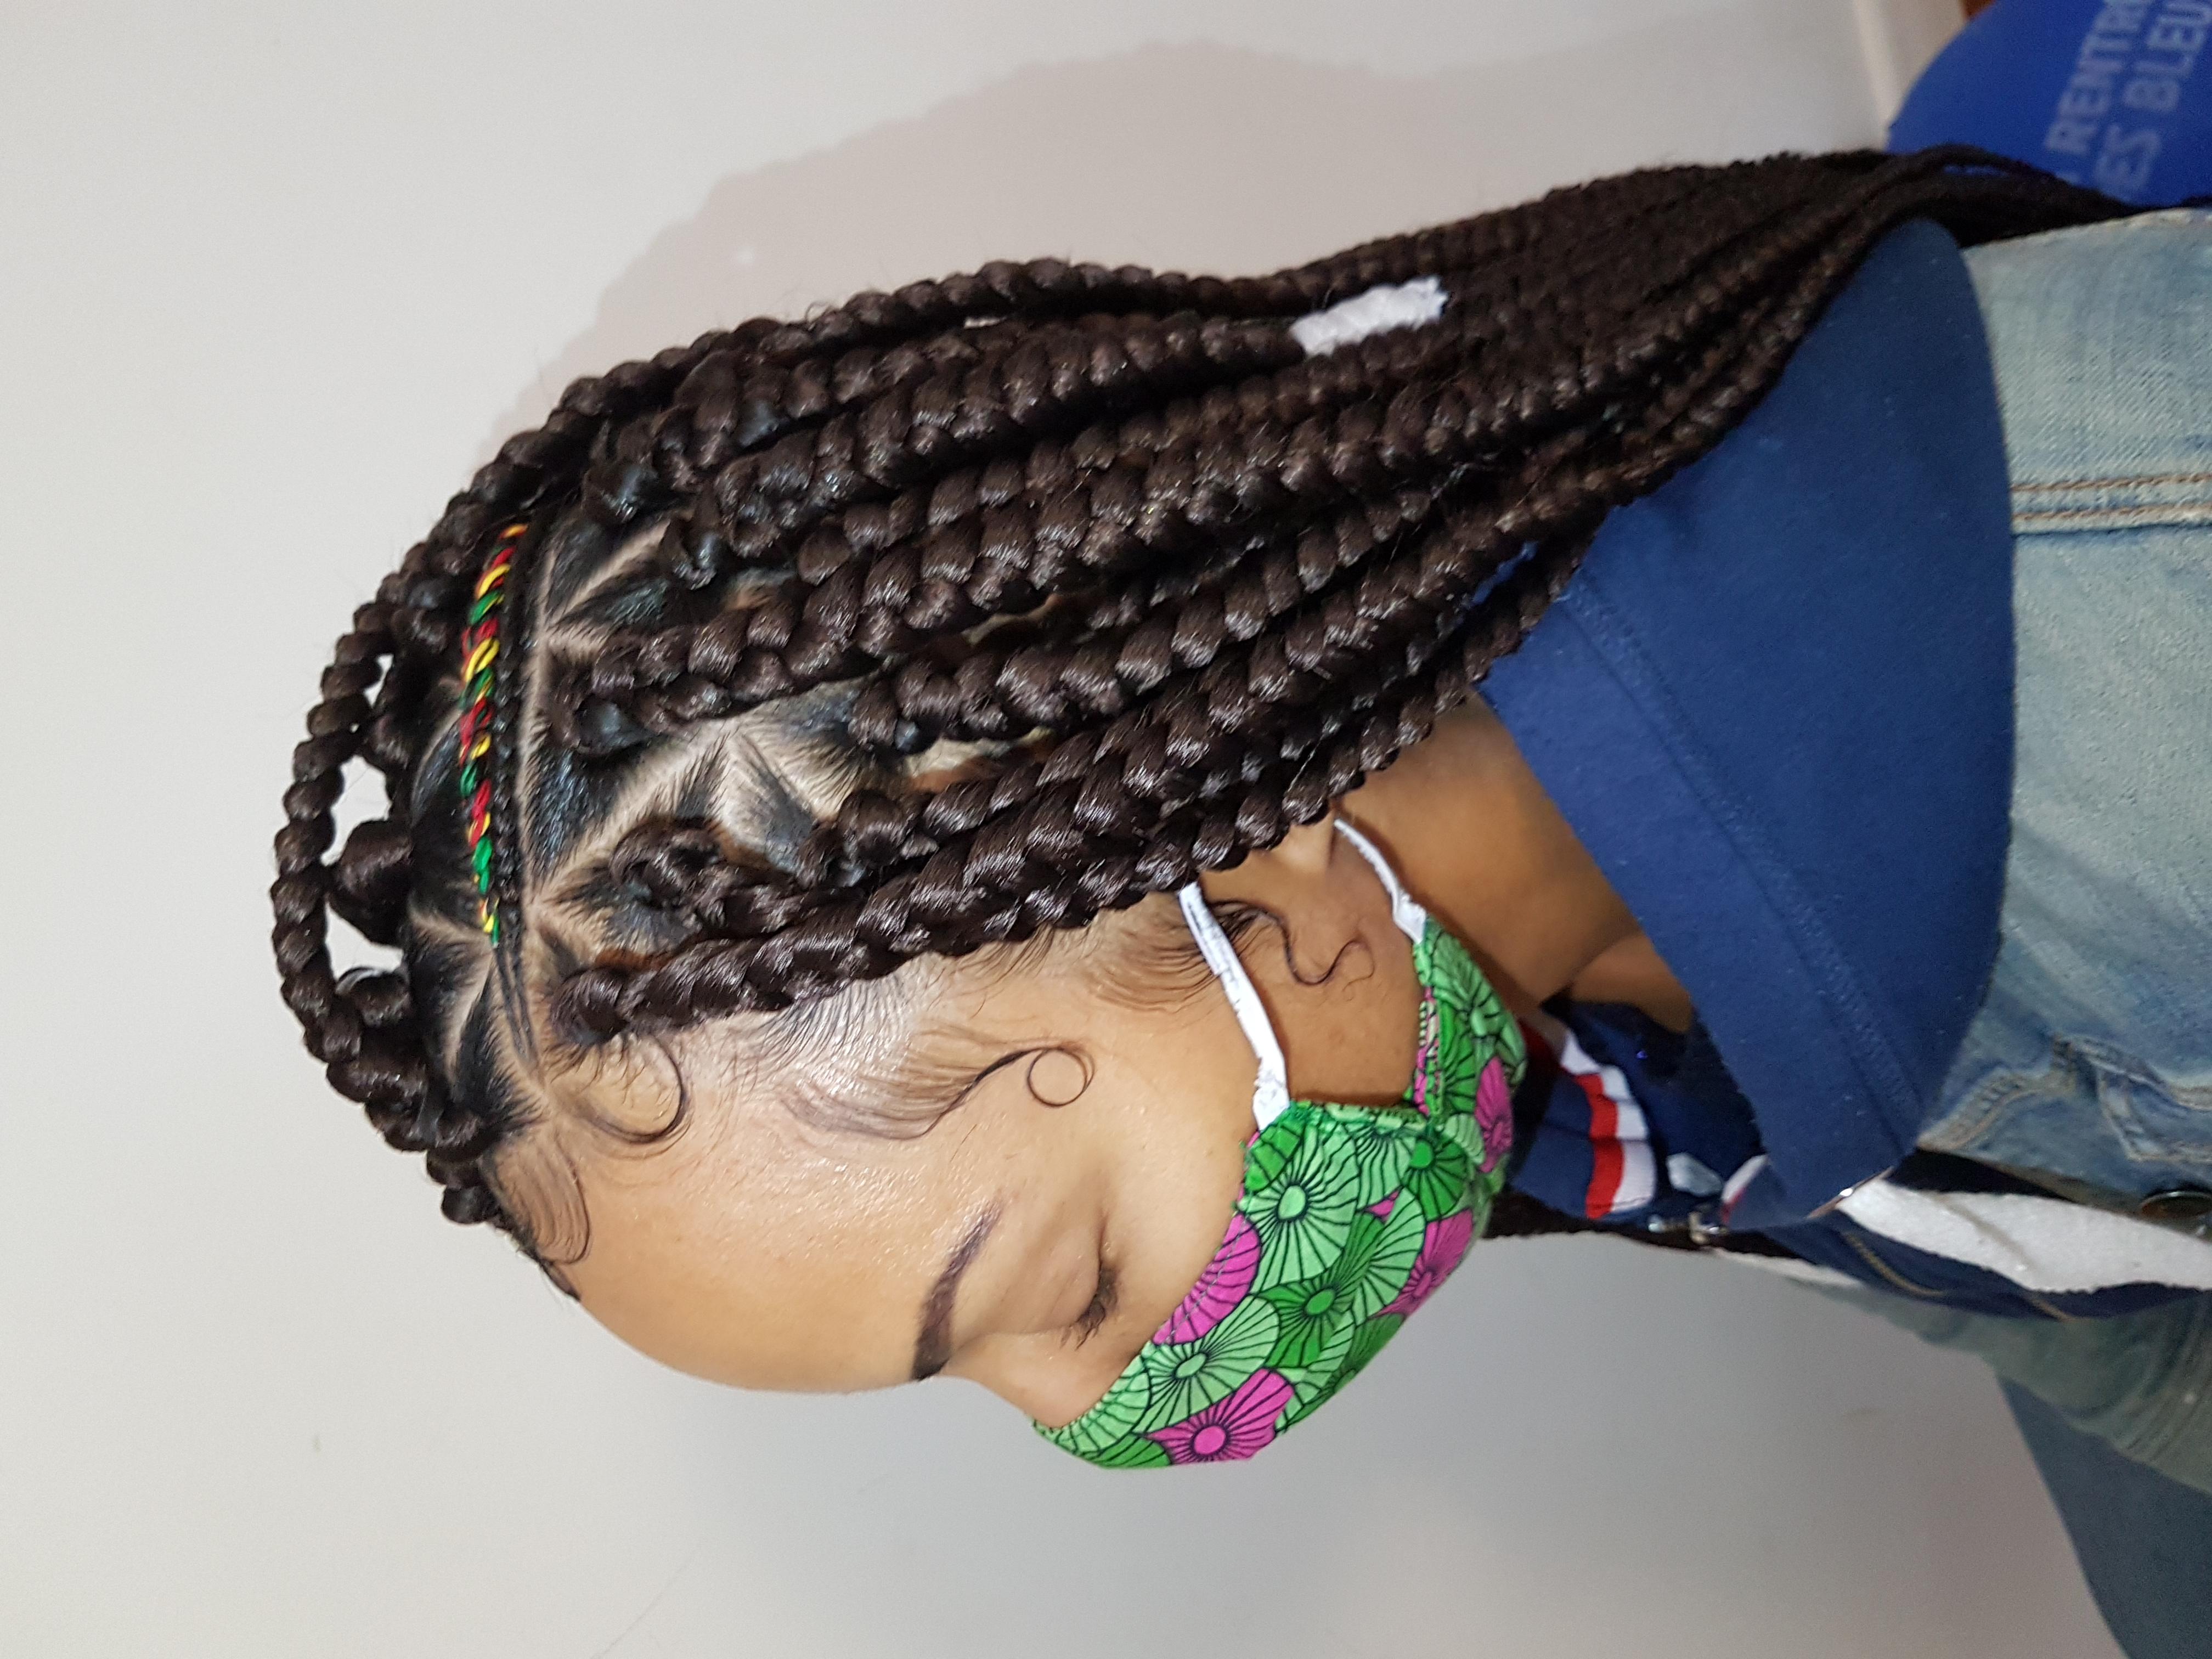 salon de coiffure afro tresse tresses box braids crochet braids vanilles tissages paris 75 77 78 91 92 93 94 95 ZAXVMTBB